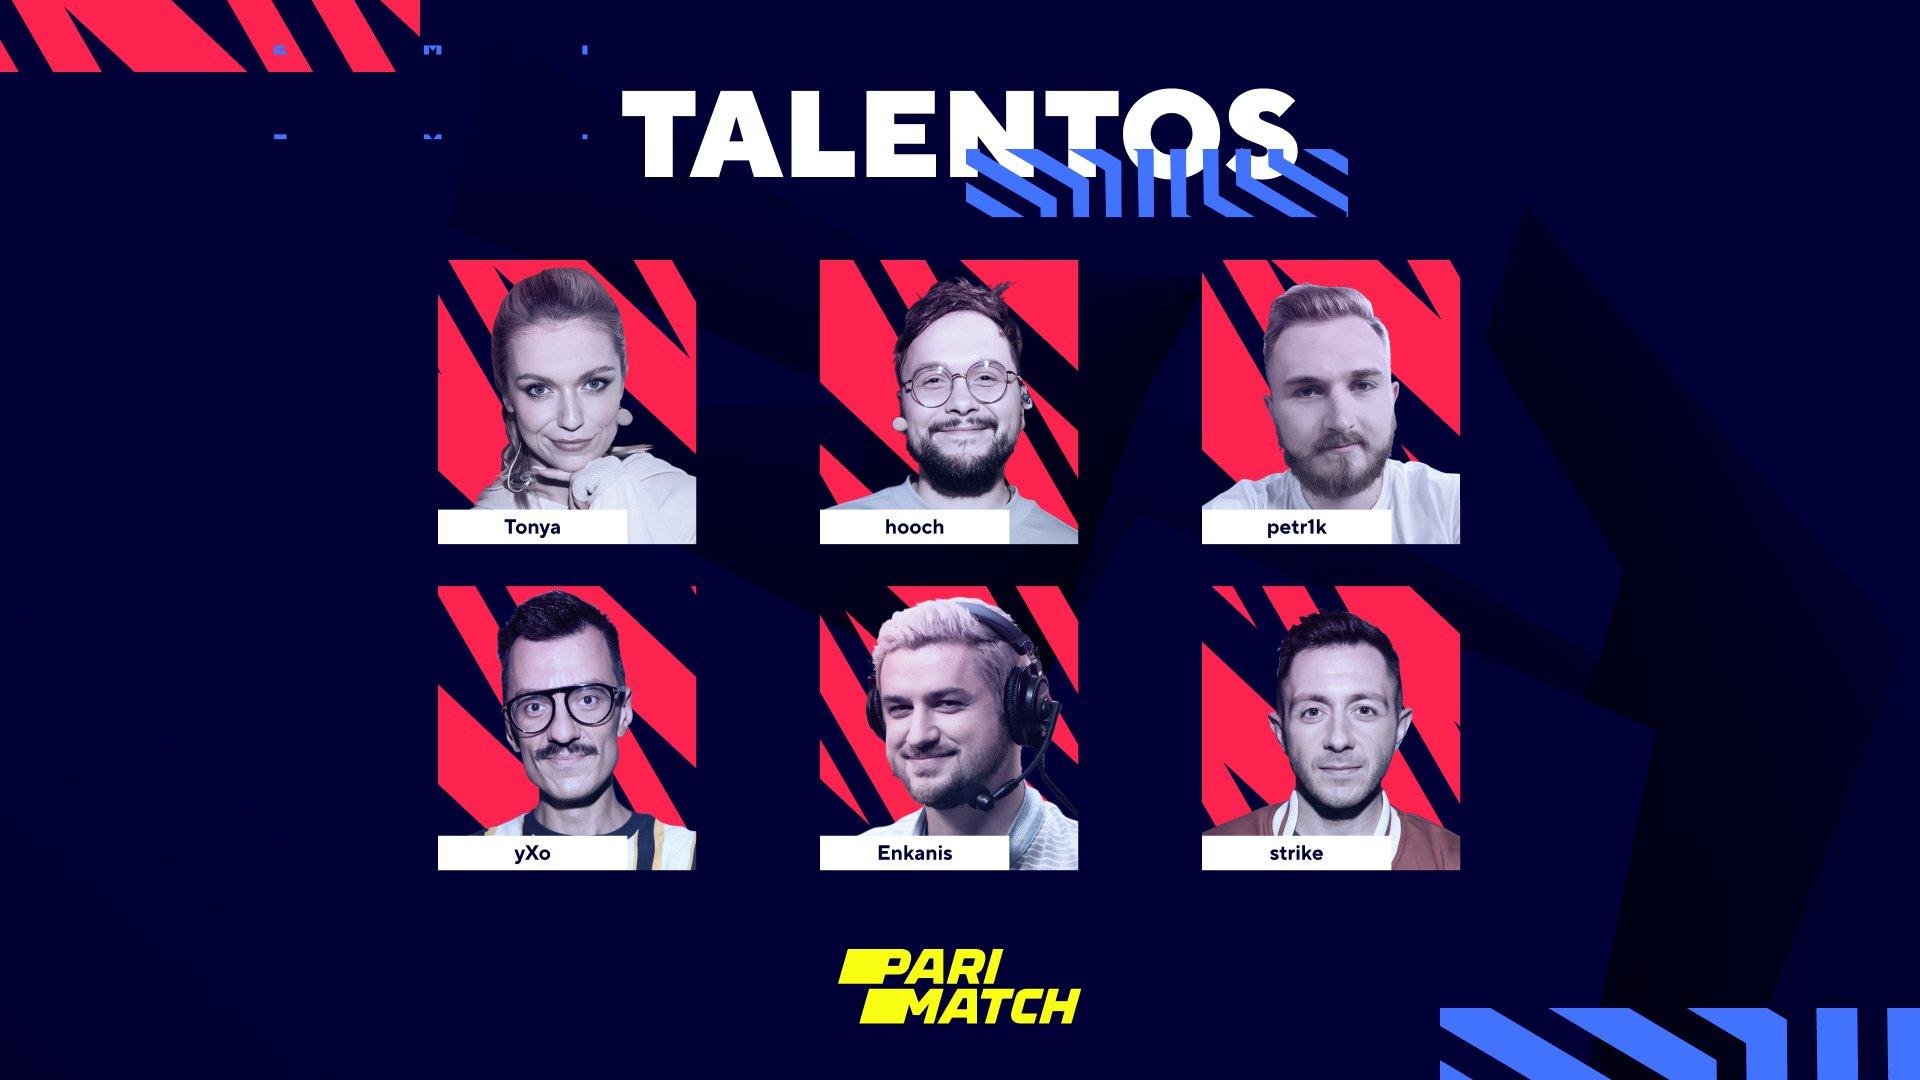 Equipo de talentos de habla rusa de BLAST Premier: Fall Groups 2021. Imagen: WePlay Holding